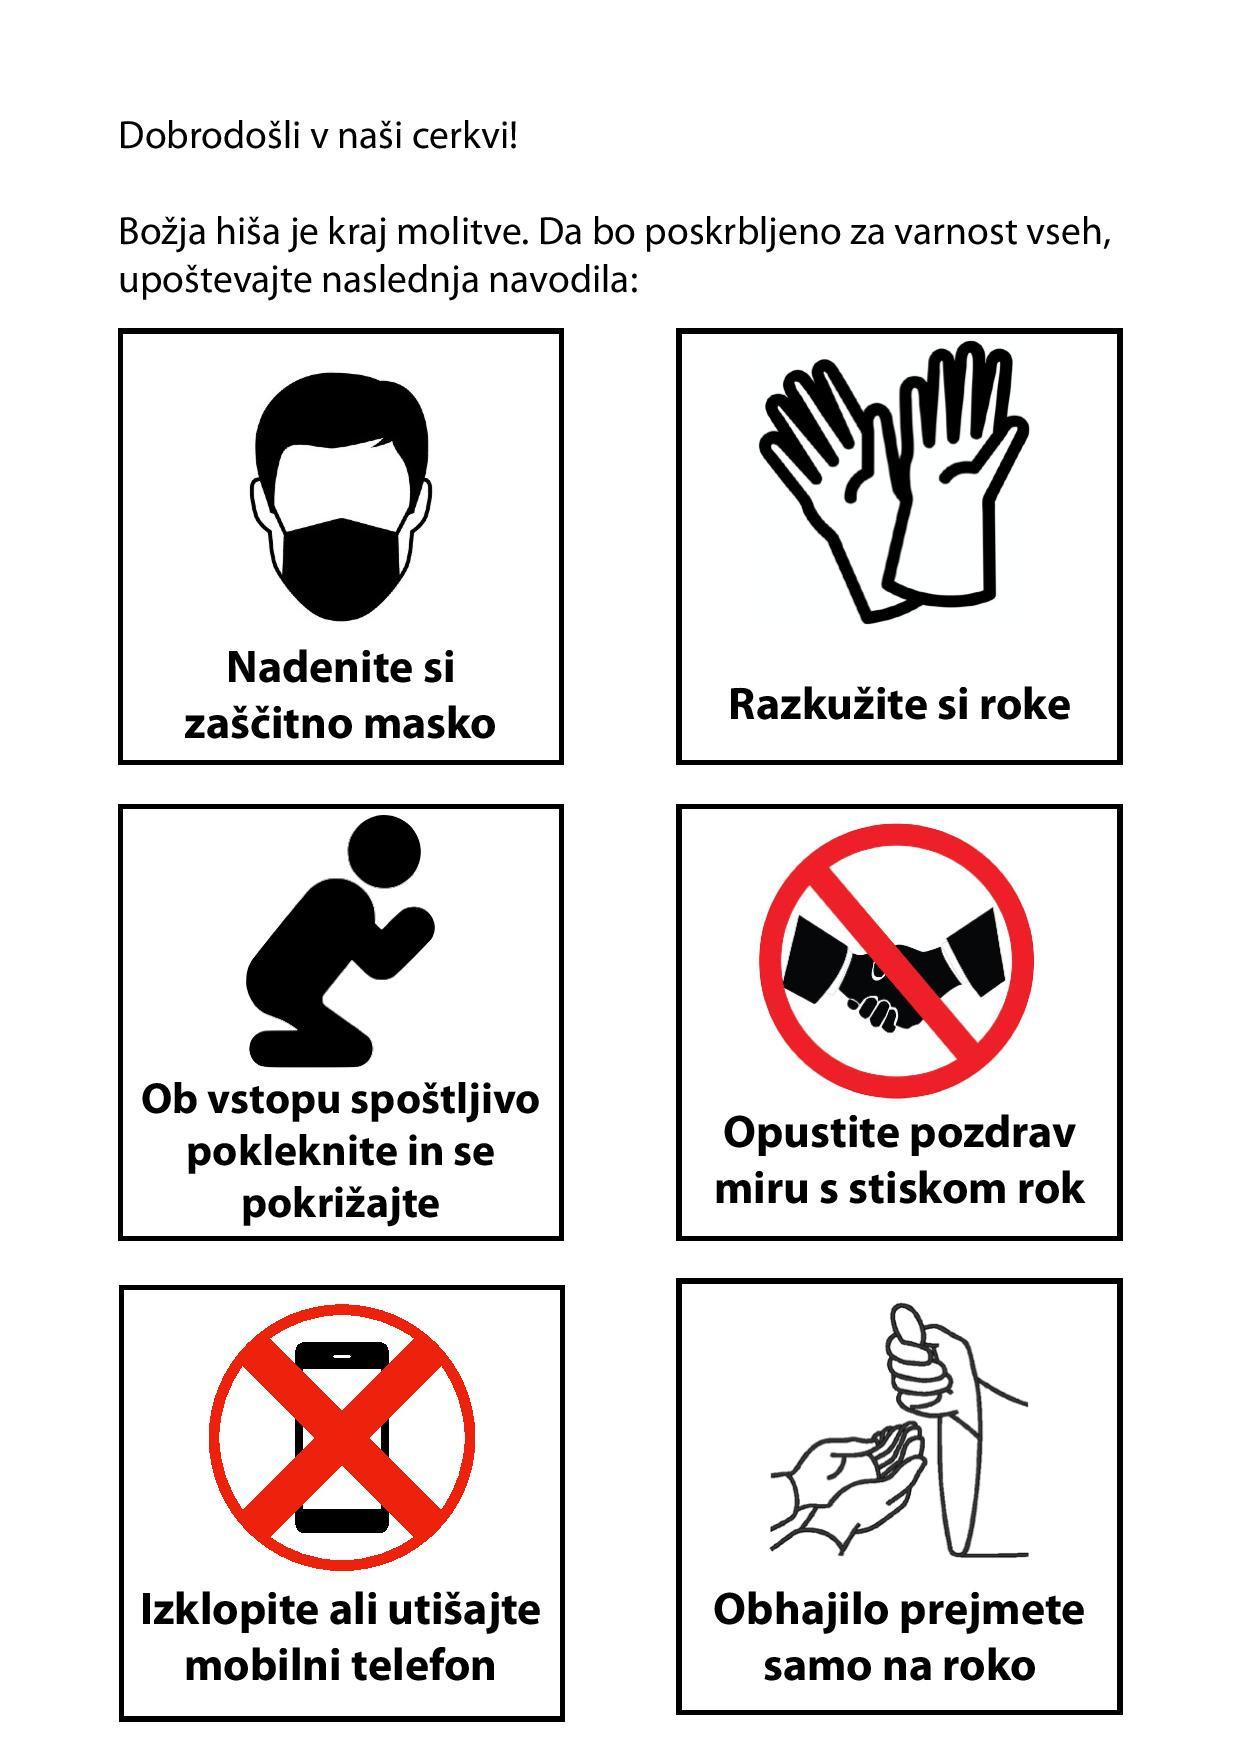 Pravila obnašanja v cerkvi